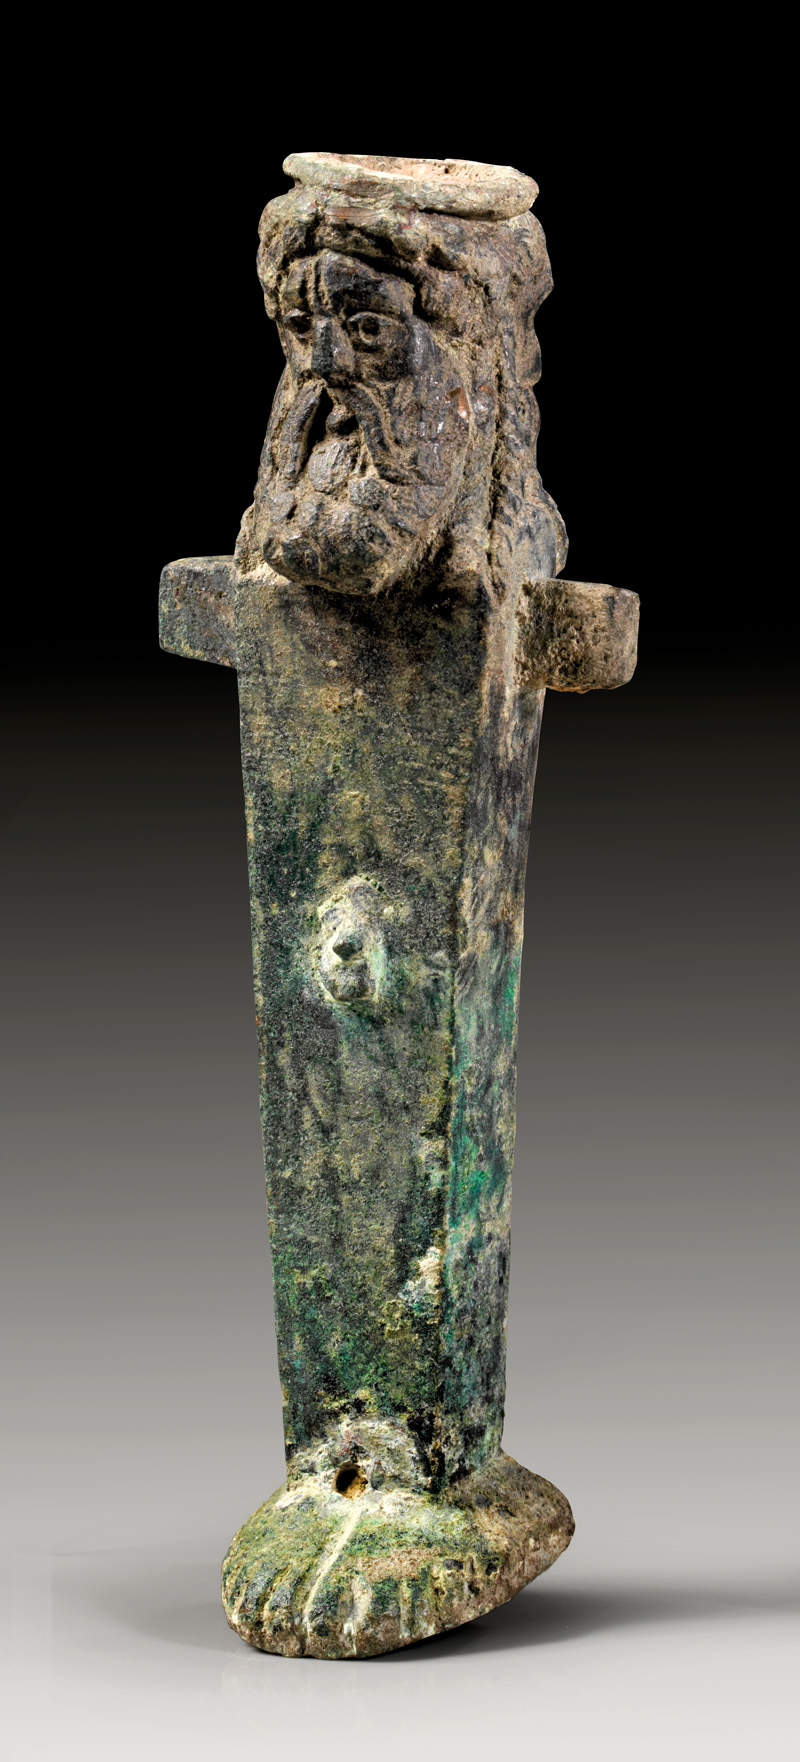 Lot 252 - objekte aus metall  -  Gerhard Hirsch Nachfolger Auktion 335 Antike Kunstobjekte